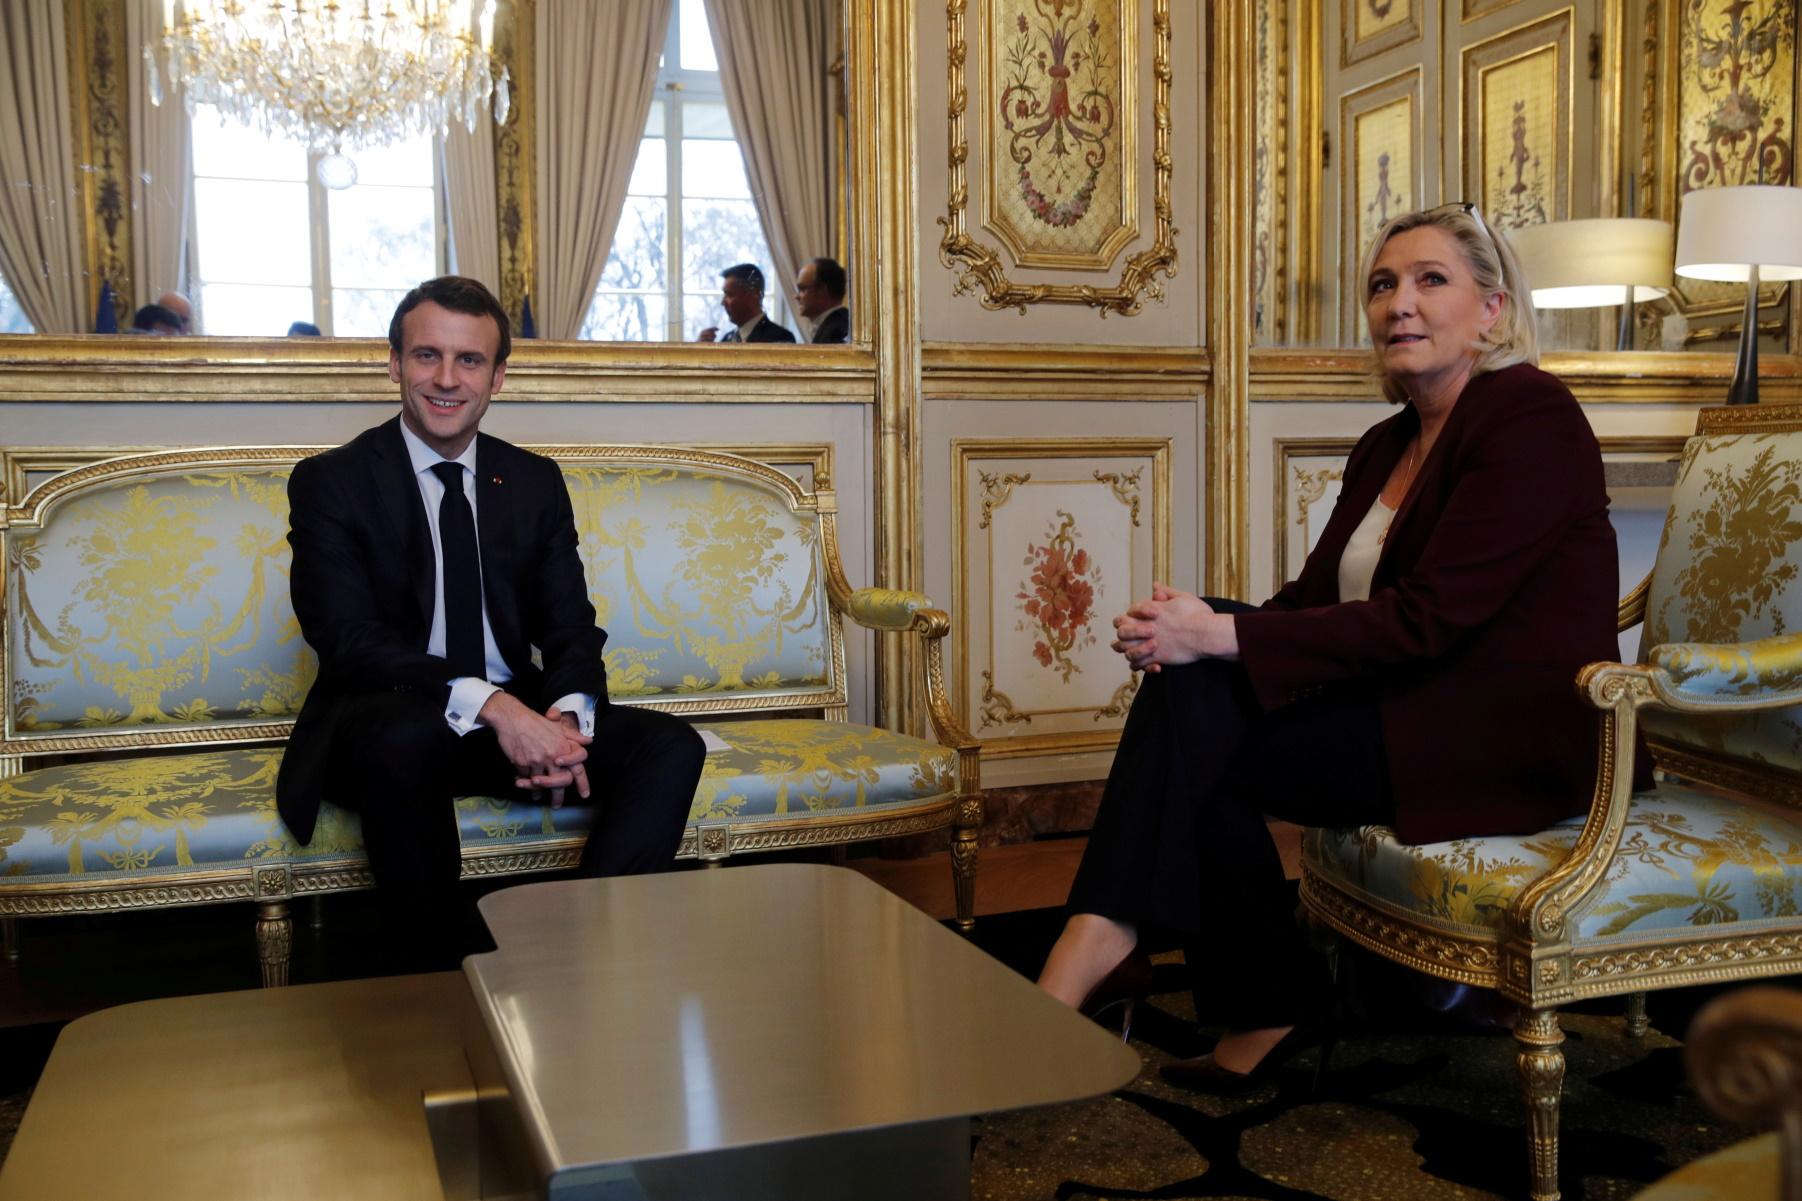 Γαλλία: Δεν αποκλείουν νίκη της ακροδεξιάς Μαρίν Λεπέν στις προεδρικές εκλογές του 2022